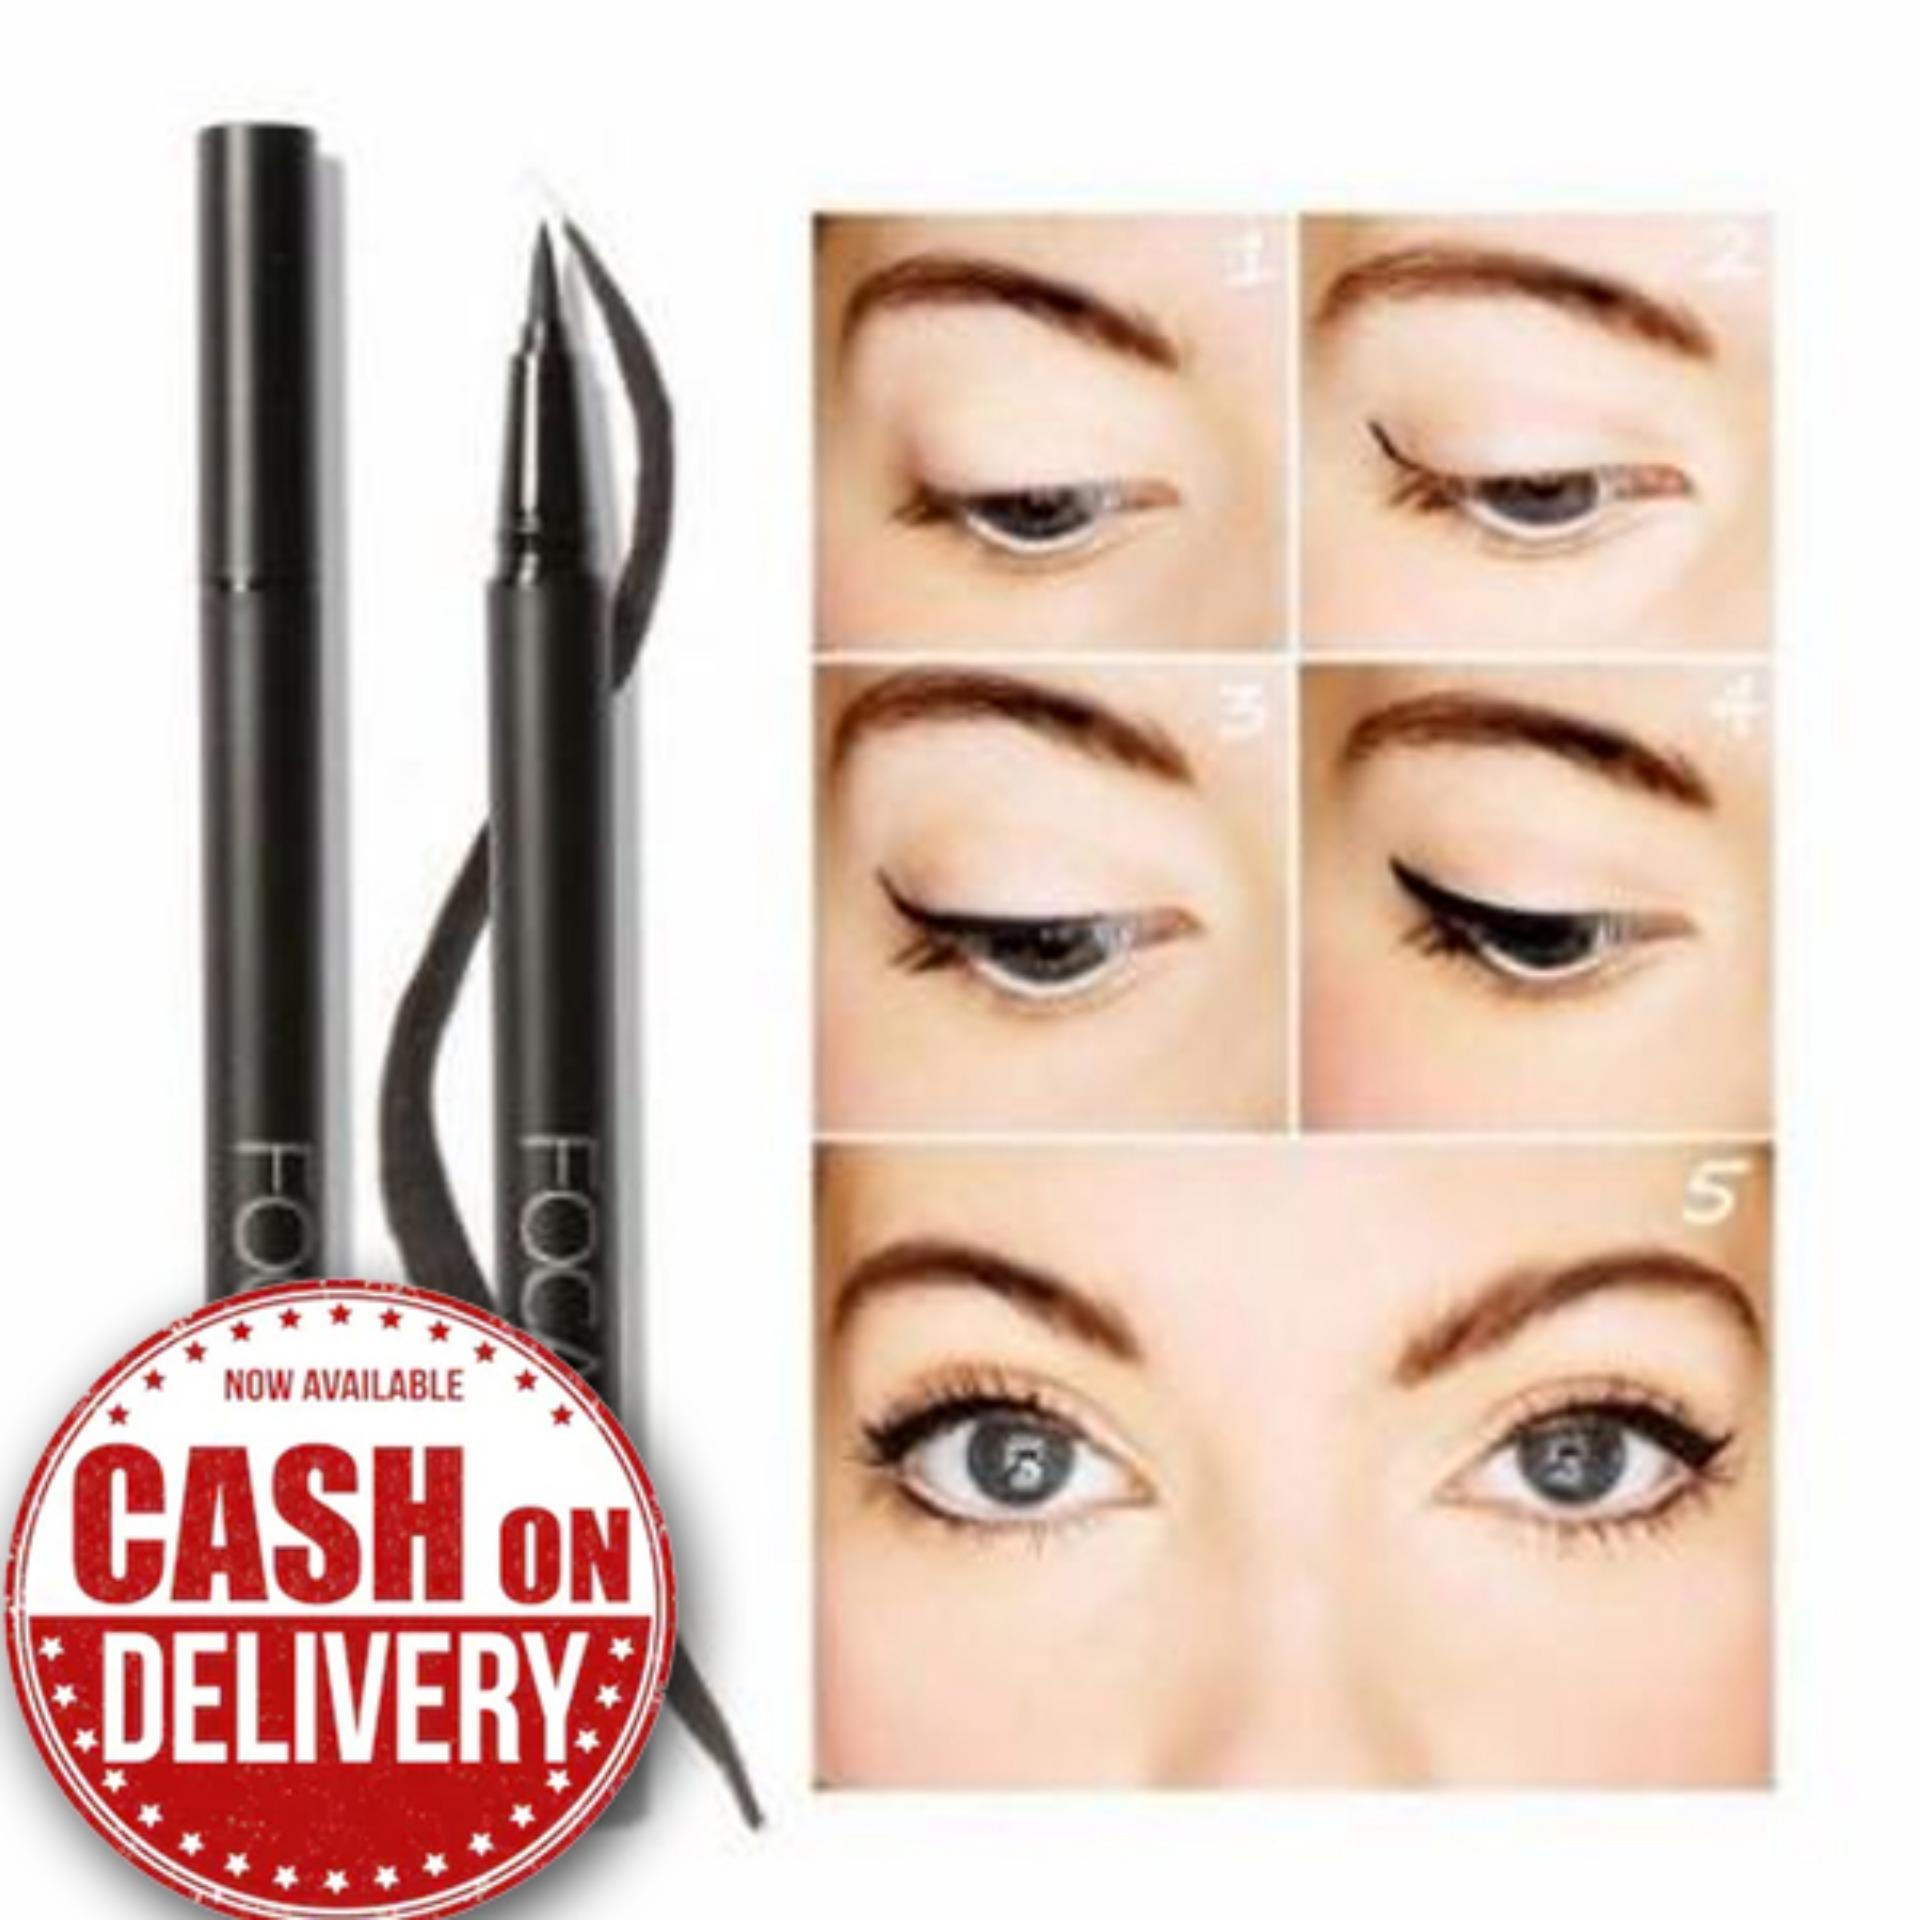 Focallure Eyeliner Pen Cair Warna Hitam Anti Air Tahan Lama - Eyeliner Waterproof - Eyeliner Pensil - Eyeliner Make Over - Eyeliner Spidol